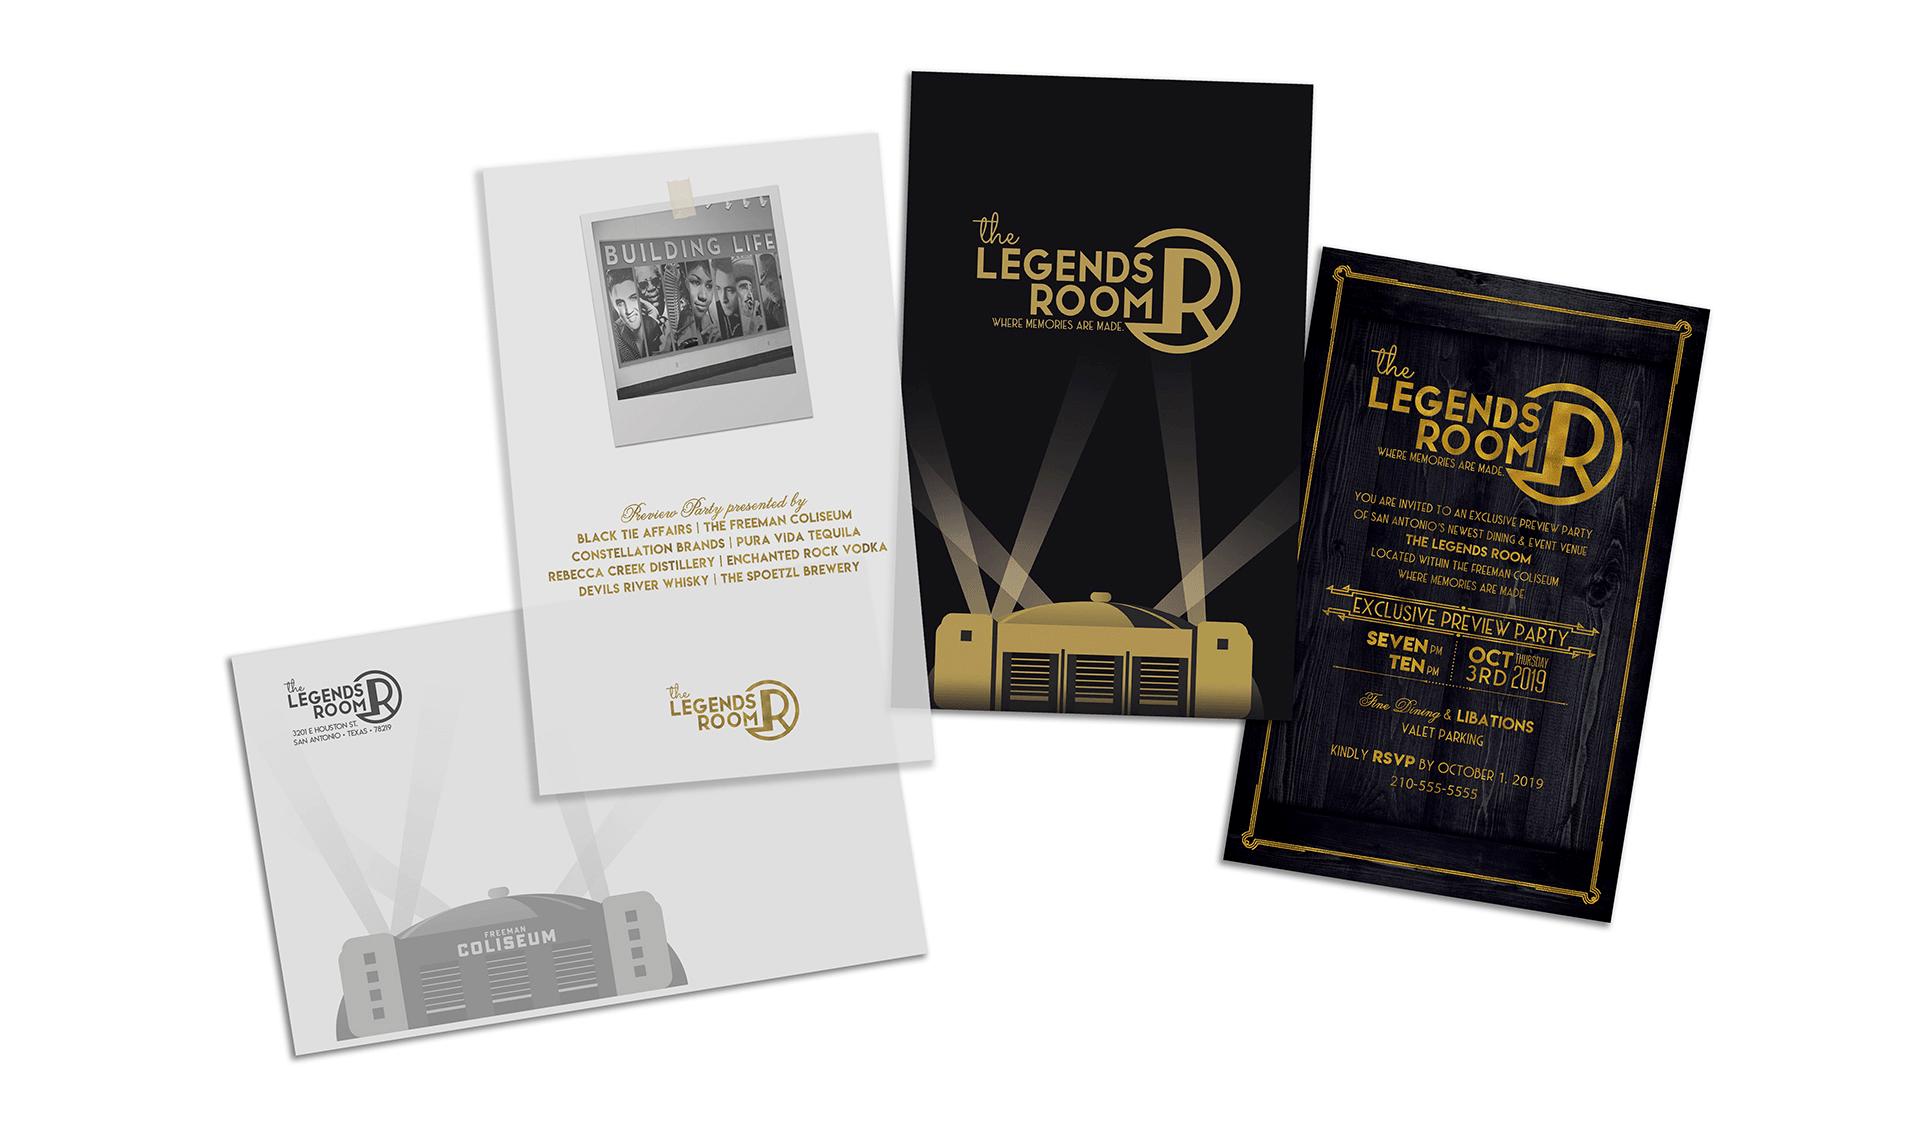 Legends Room Invite